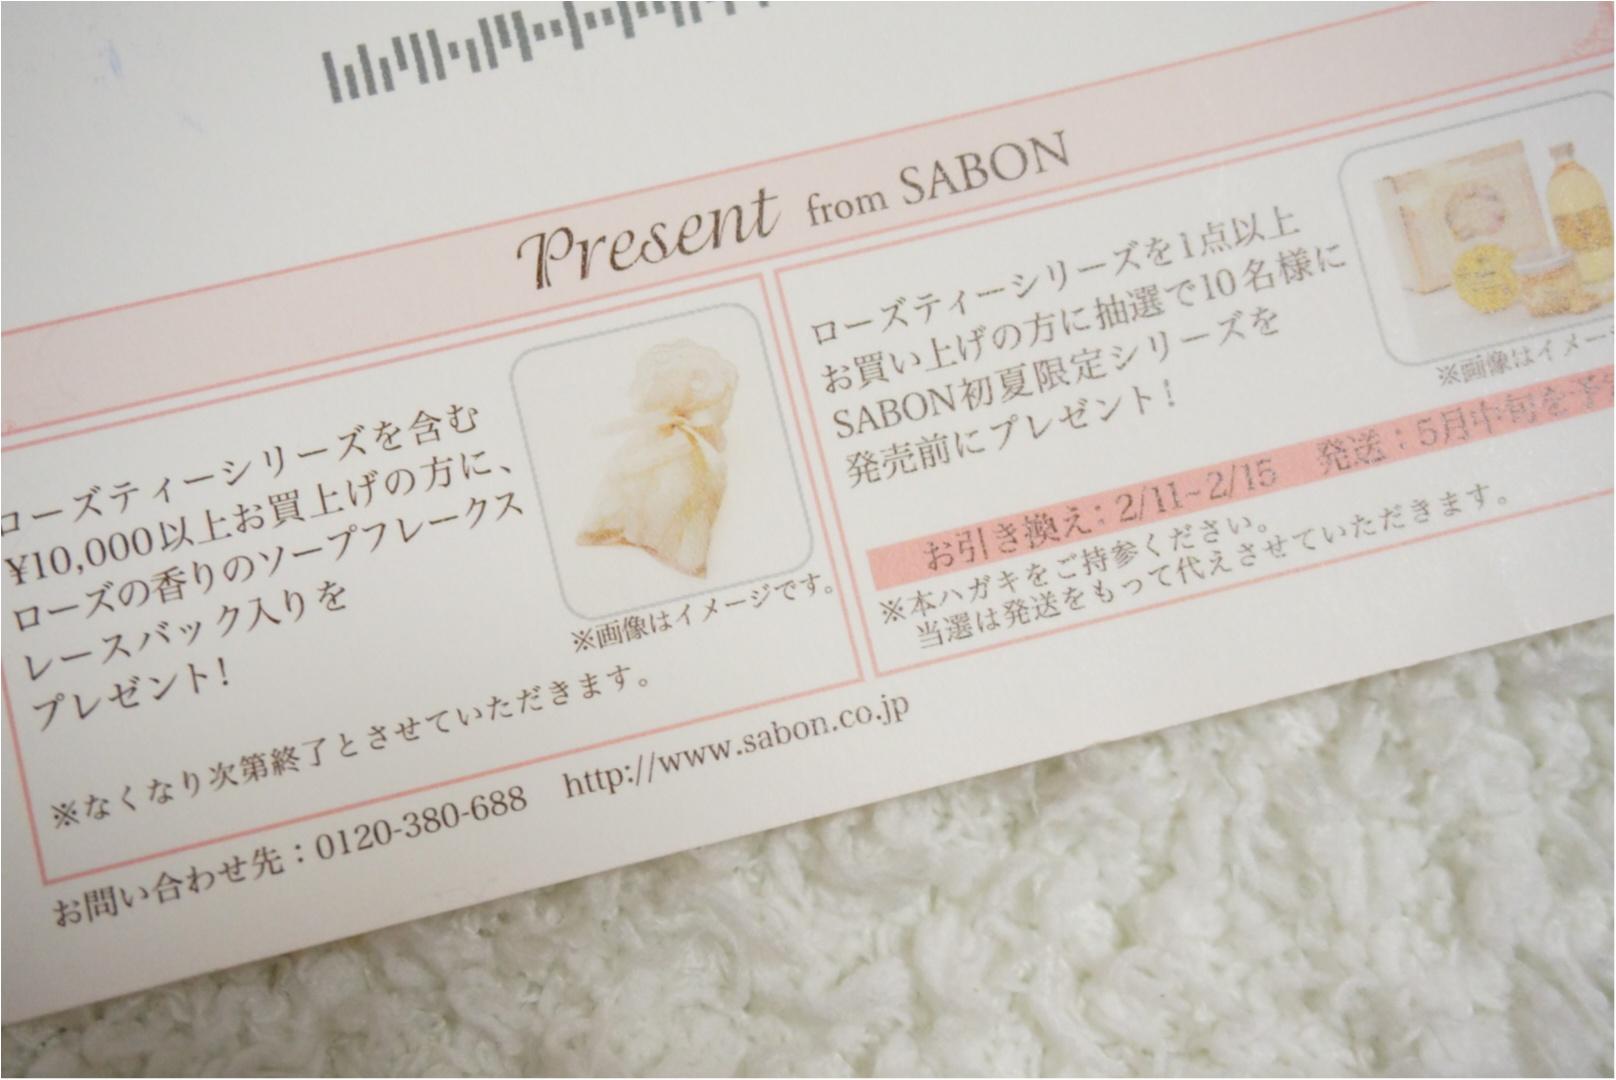 【SABON】人気No.1 ⁈ 毎年完売続出の《あの香り❤️》が今年も登場です!_4